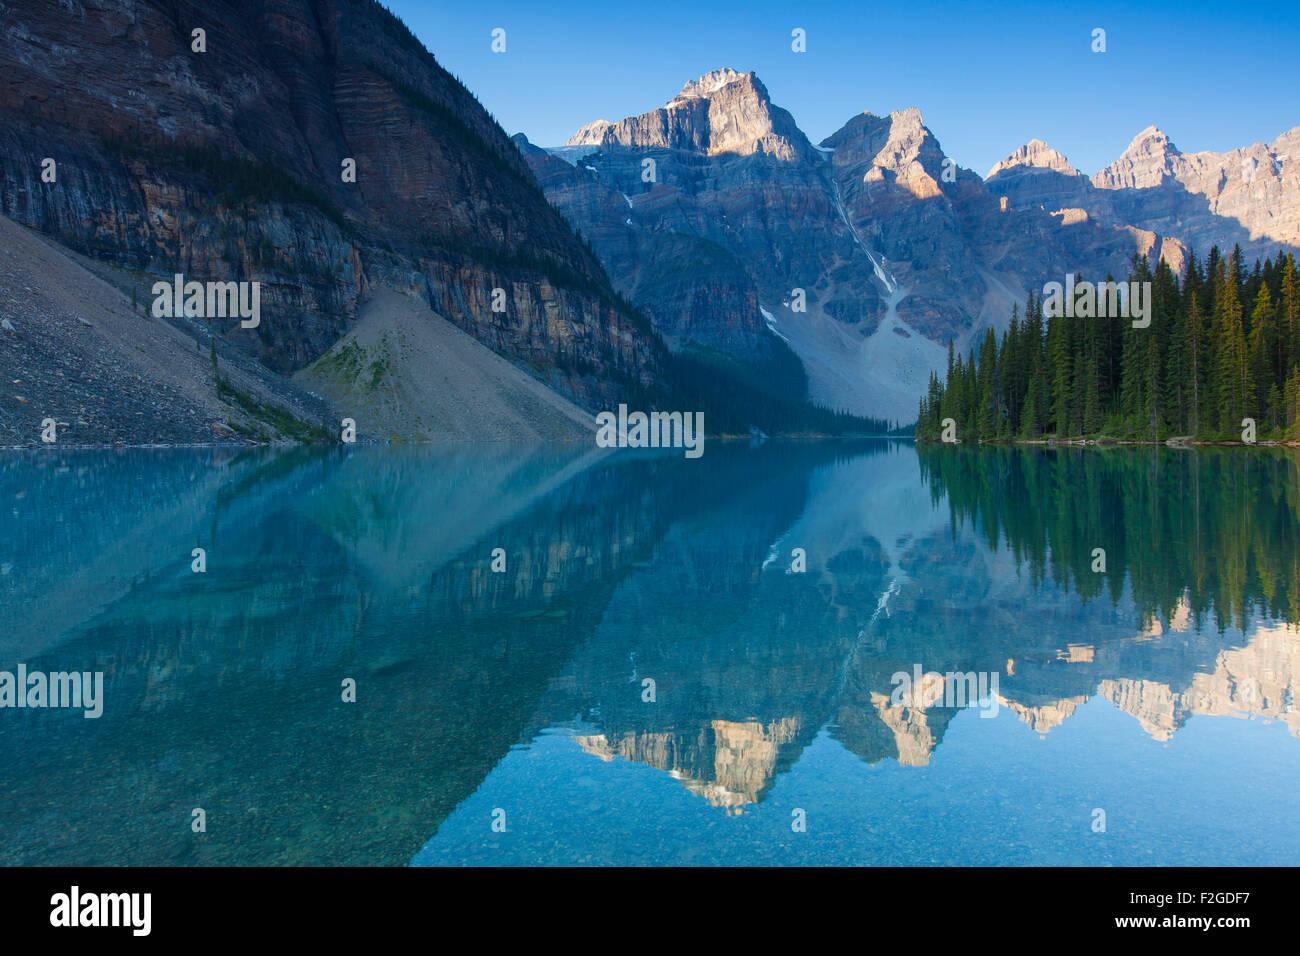 Las montañas se reflejan en el agua del lago Moraine glacial en el Valle de los Diez Picos, Parque Nacional Imagen De Stock